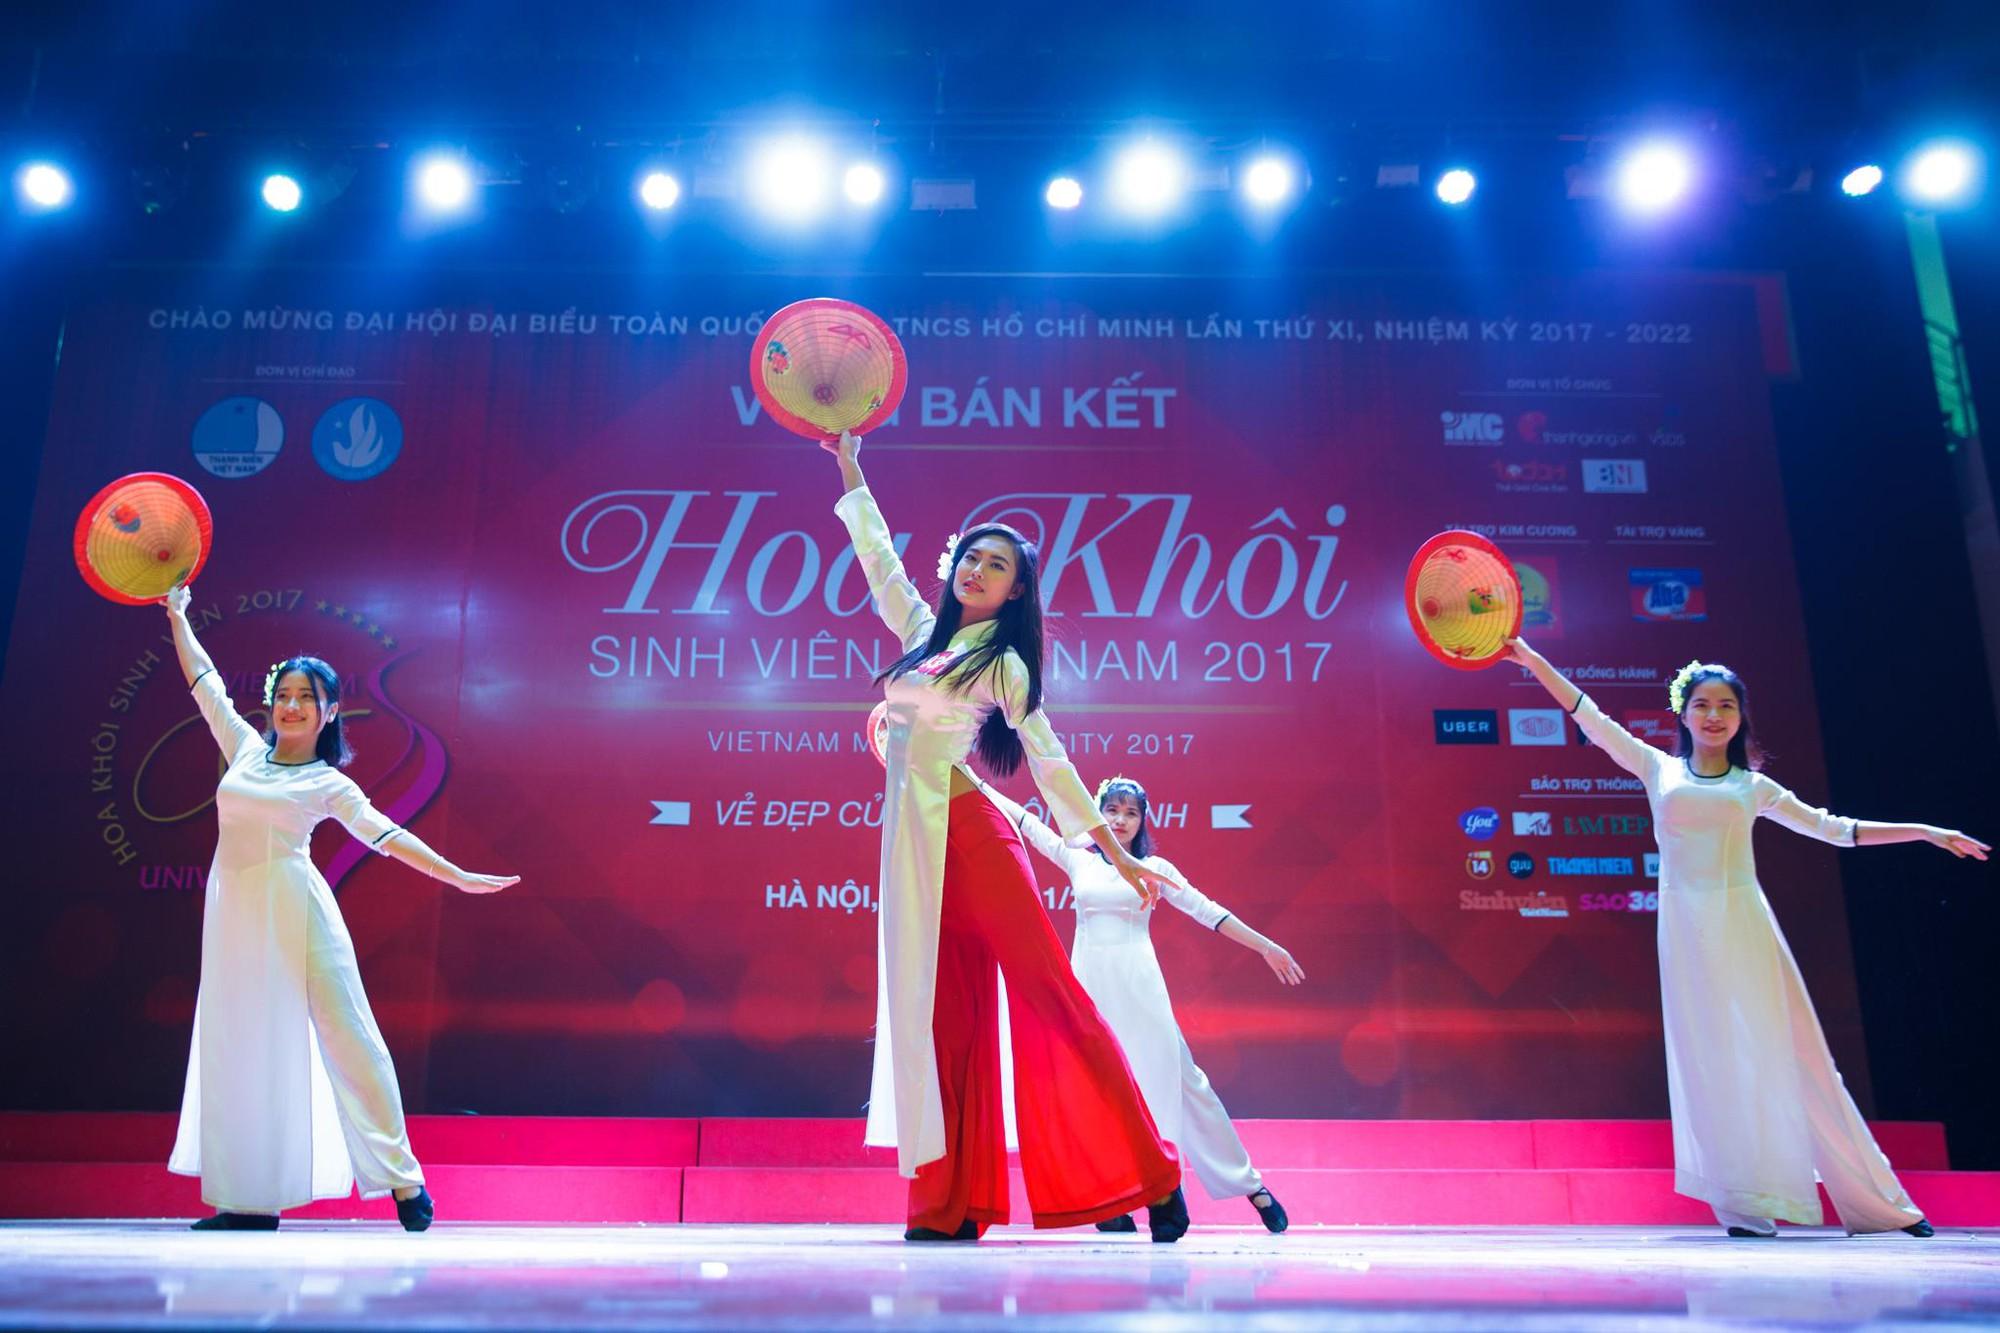 15 gương mặt đầu tiên xuất hiện trong vòng Chung kết Hoa khôi Sinh viên Việt Nam 2017 đã lộ diện - Ảnh 4.